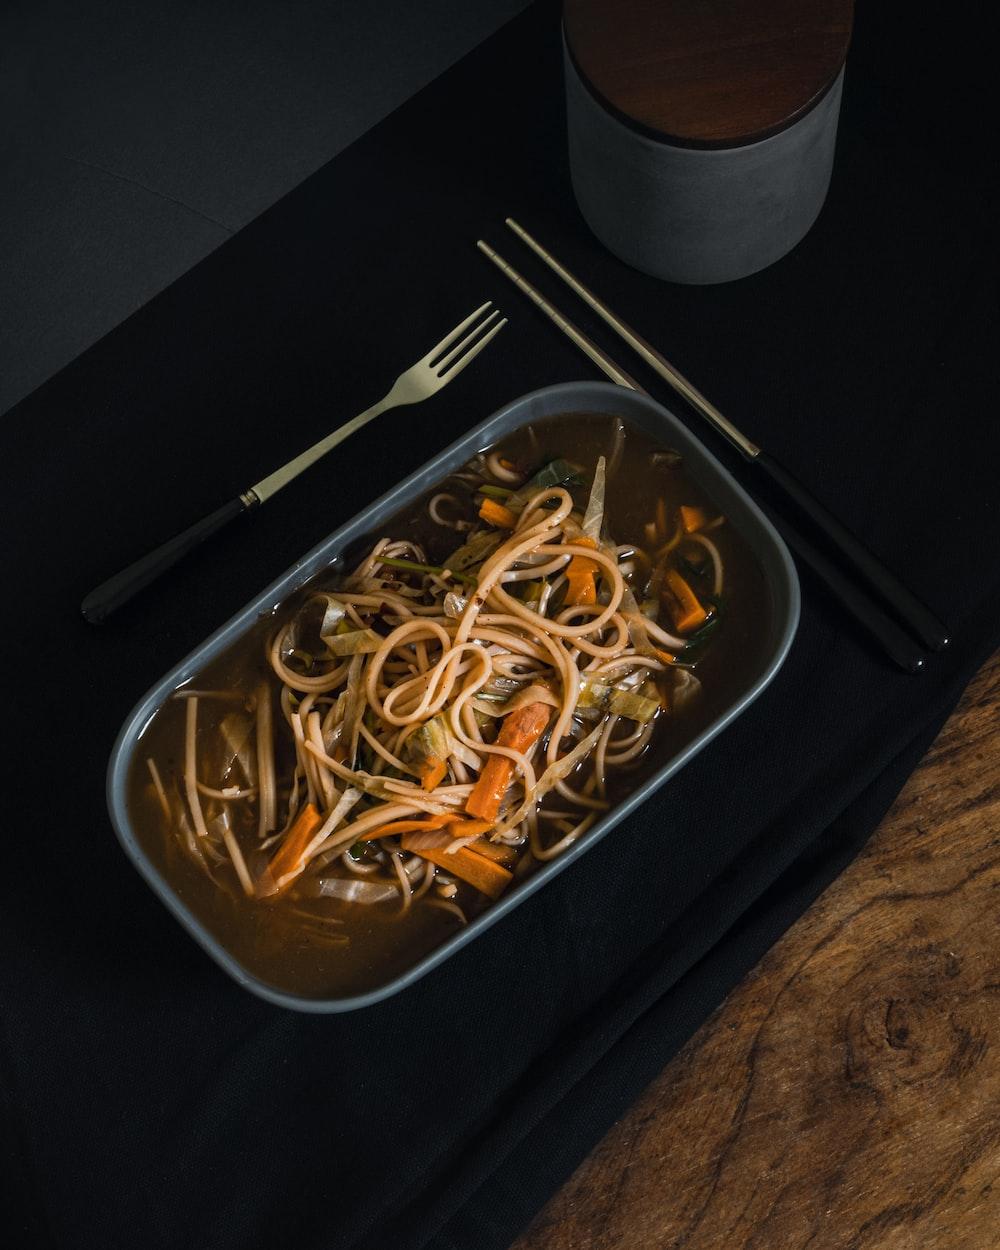 white pasta on black tray